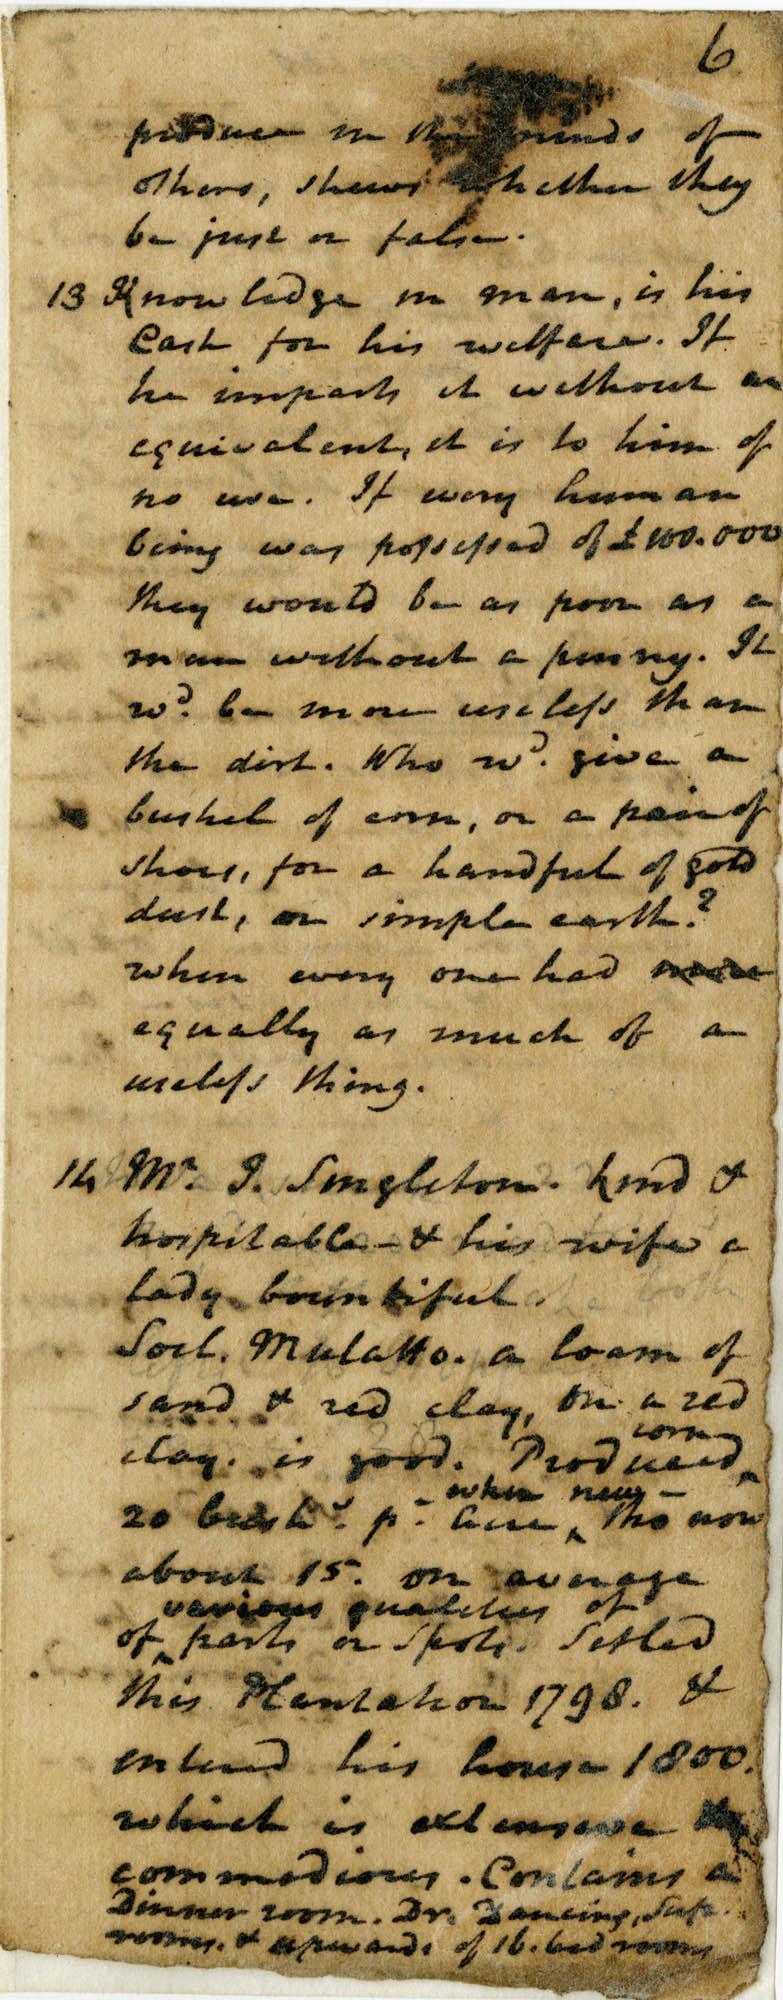 Diary of Charles Drayton, 1814 page 30